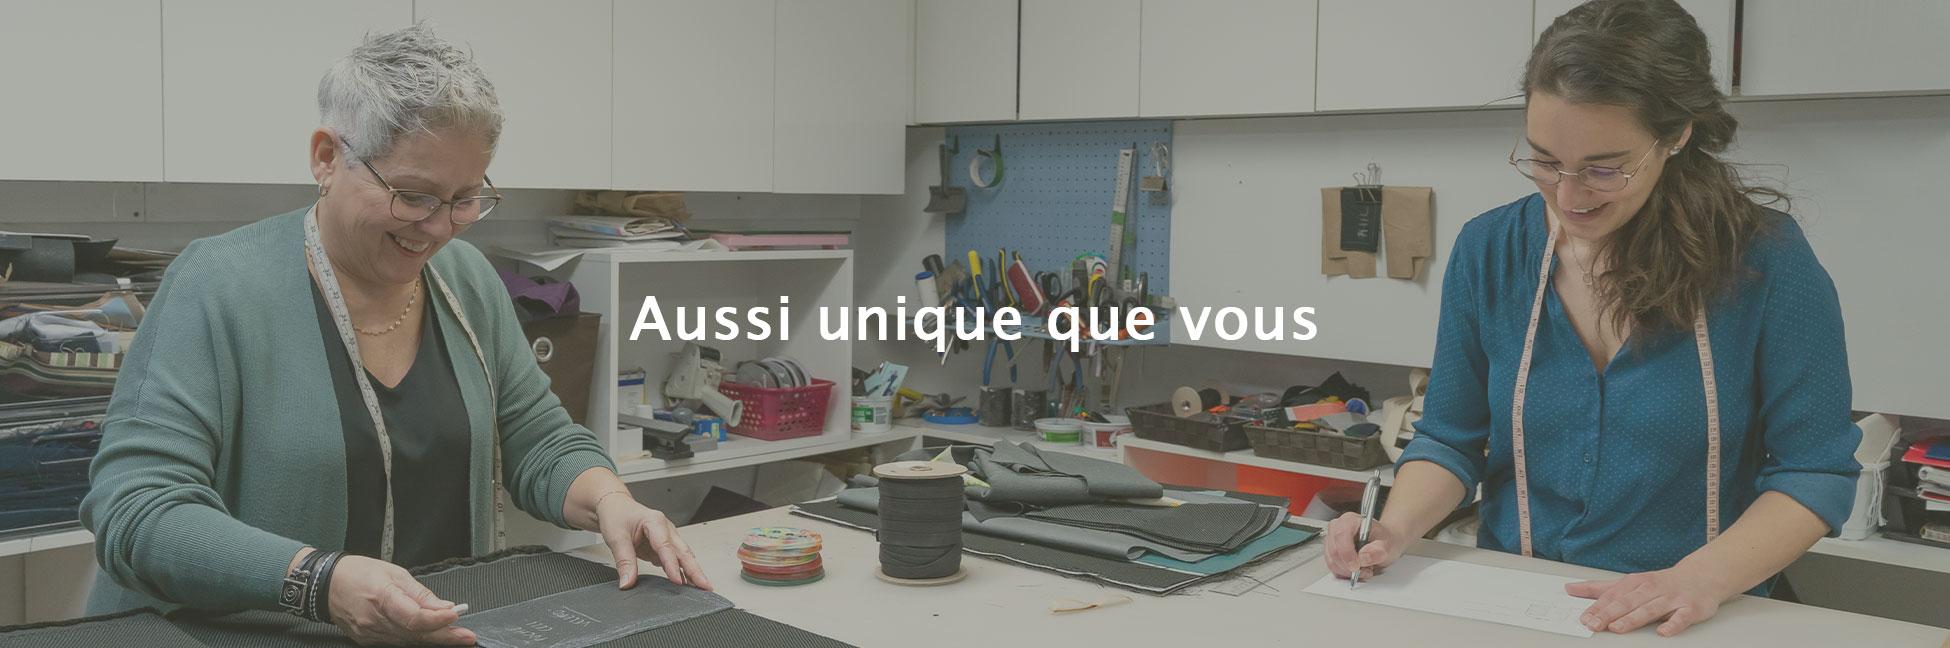 atelier-confection-imagine-couturiere-saguenay-lac-saint-jean